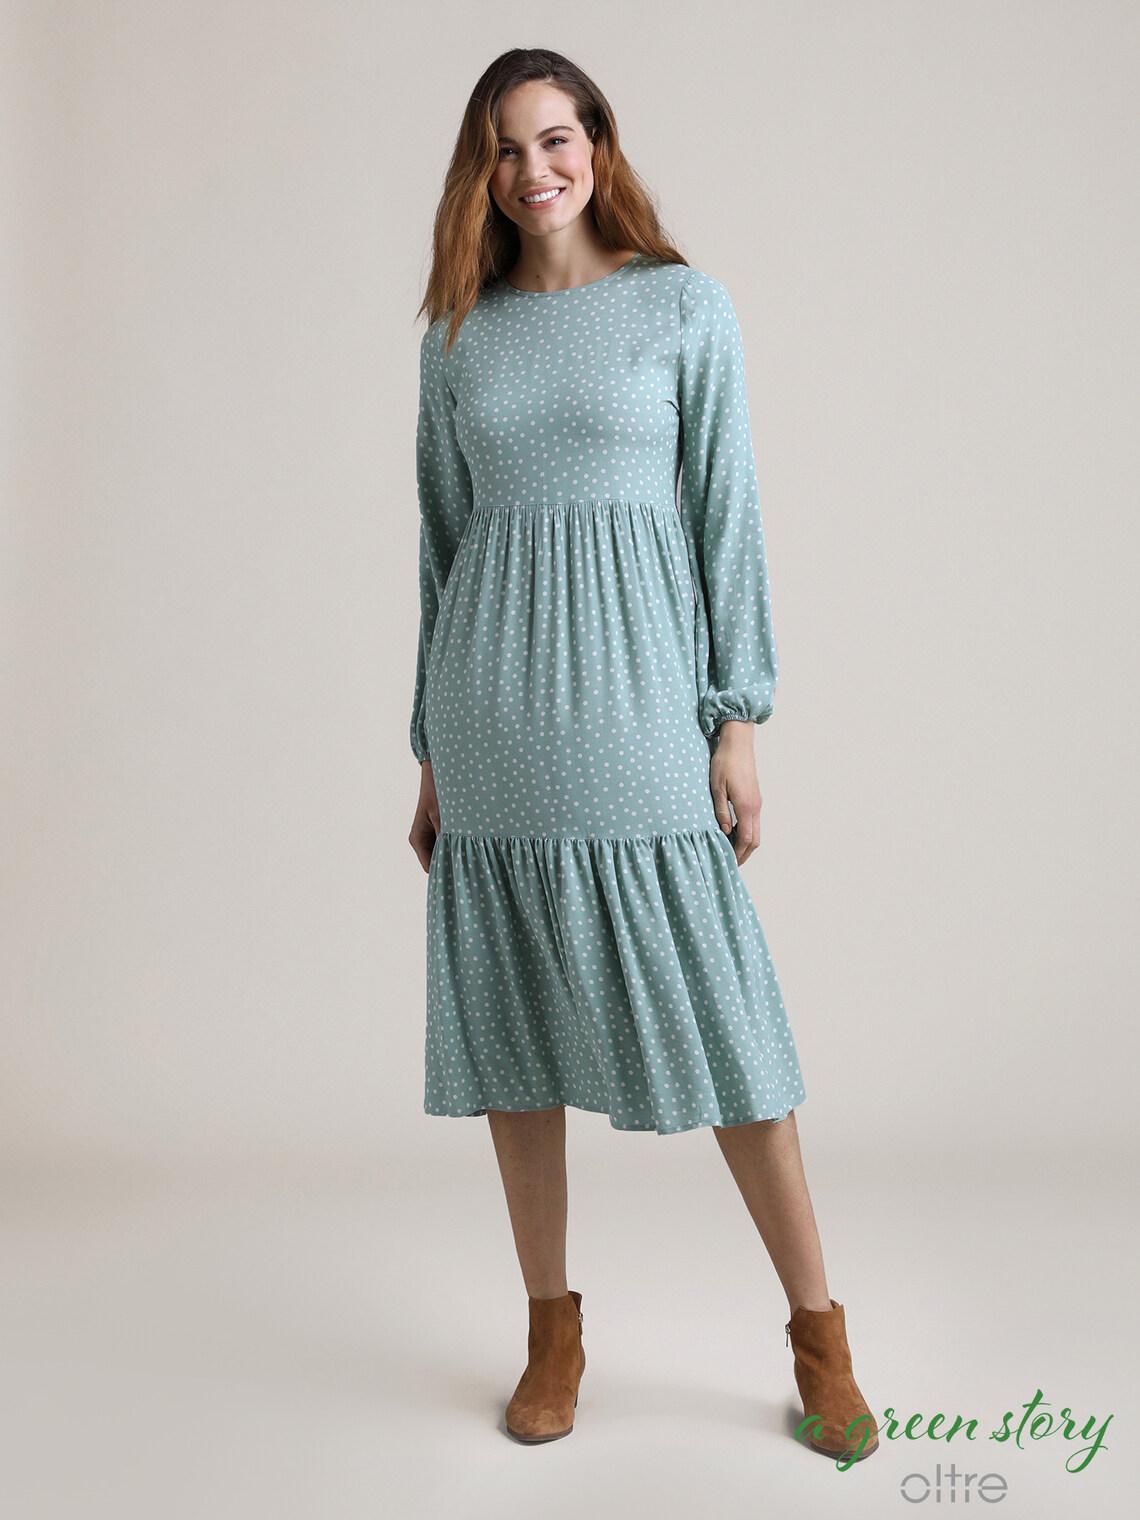 Kleid Mit Langen Armeln Und Punkten At